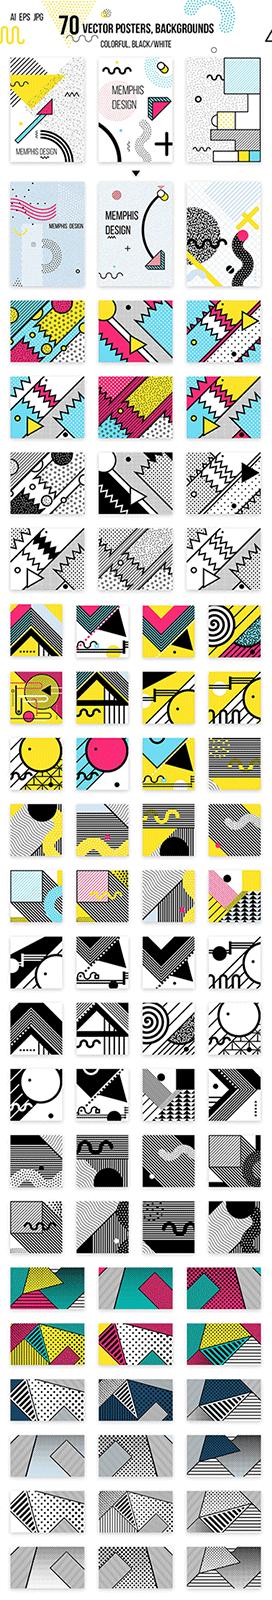 272 patterns elements MEMPHIS set3 [PNG]+[AI] 272张超好看背景抽象素材图 背景图 抽象素材 VIP专享 PNG EPS AI素材 AI